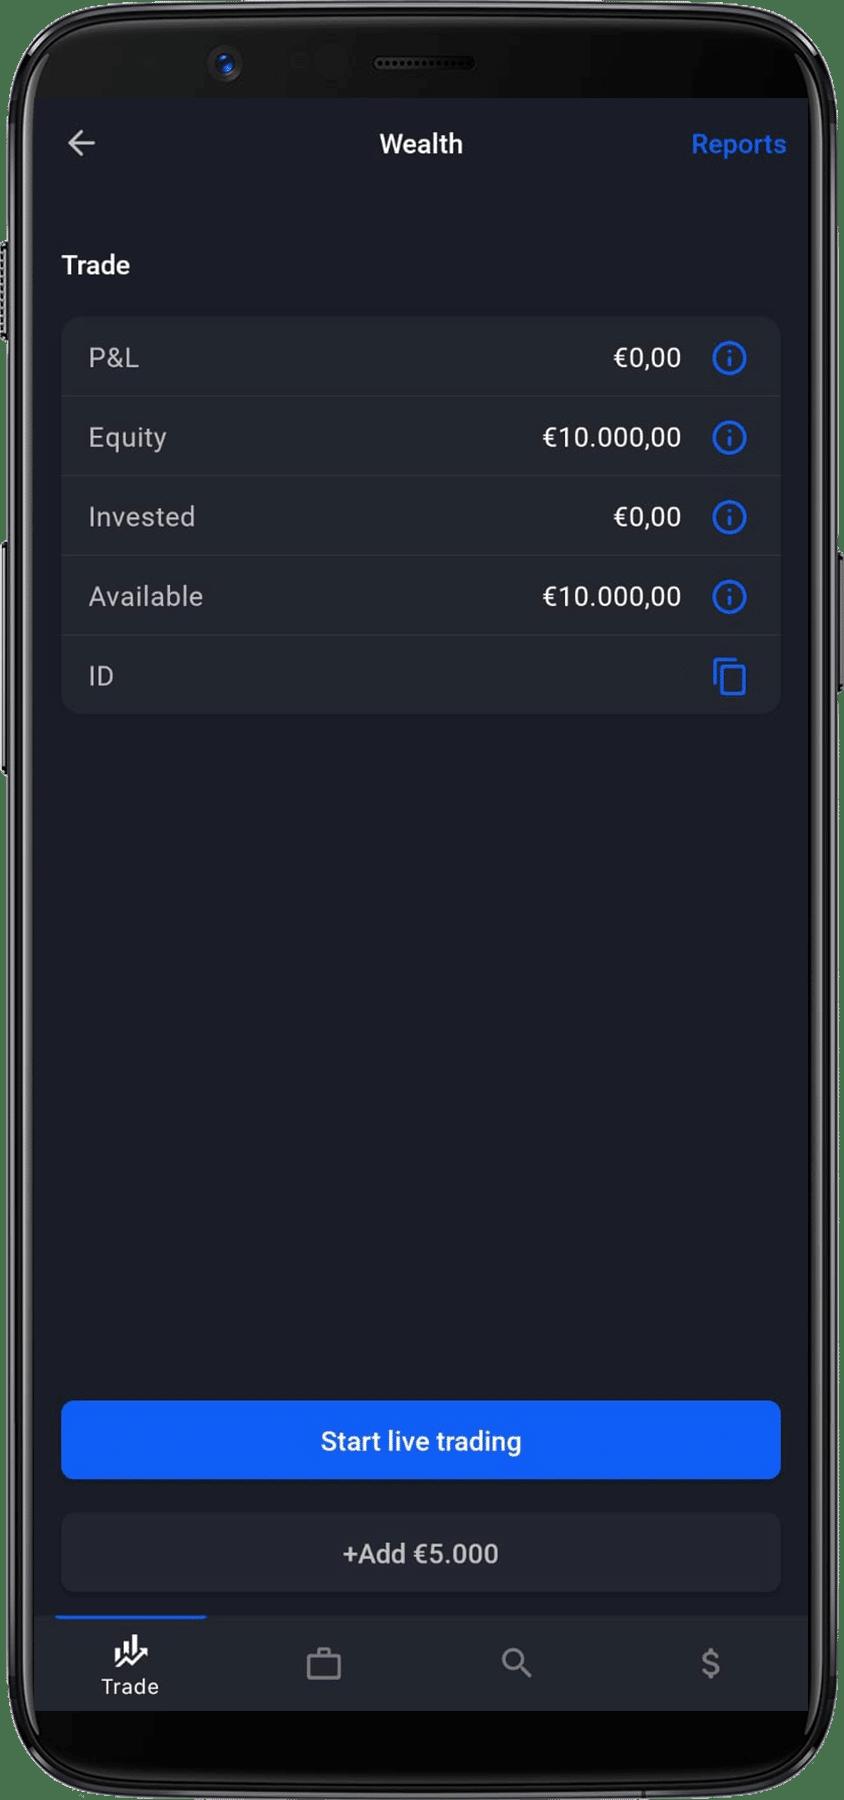 Admiral Markets Wealth